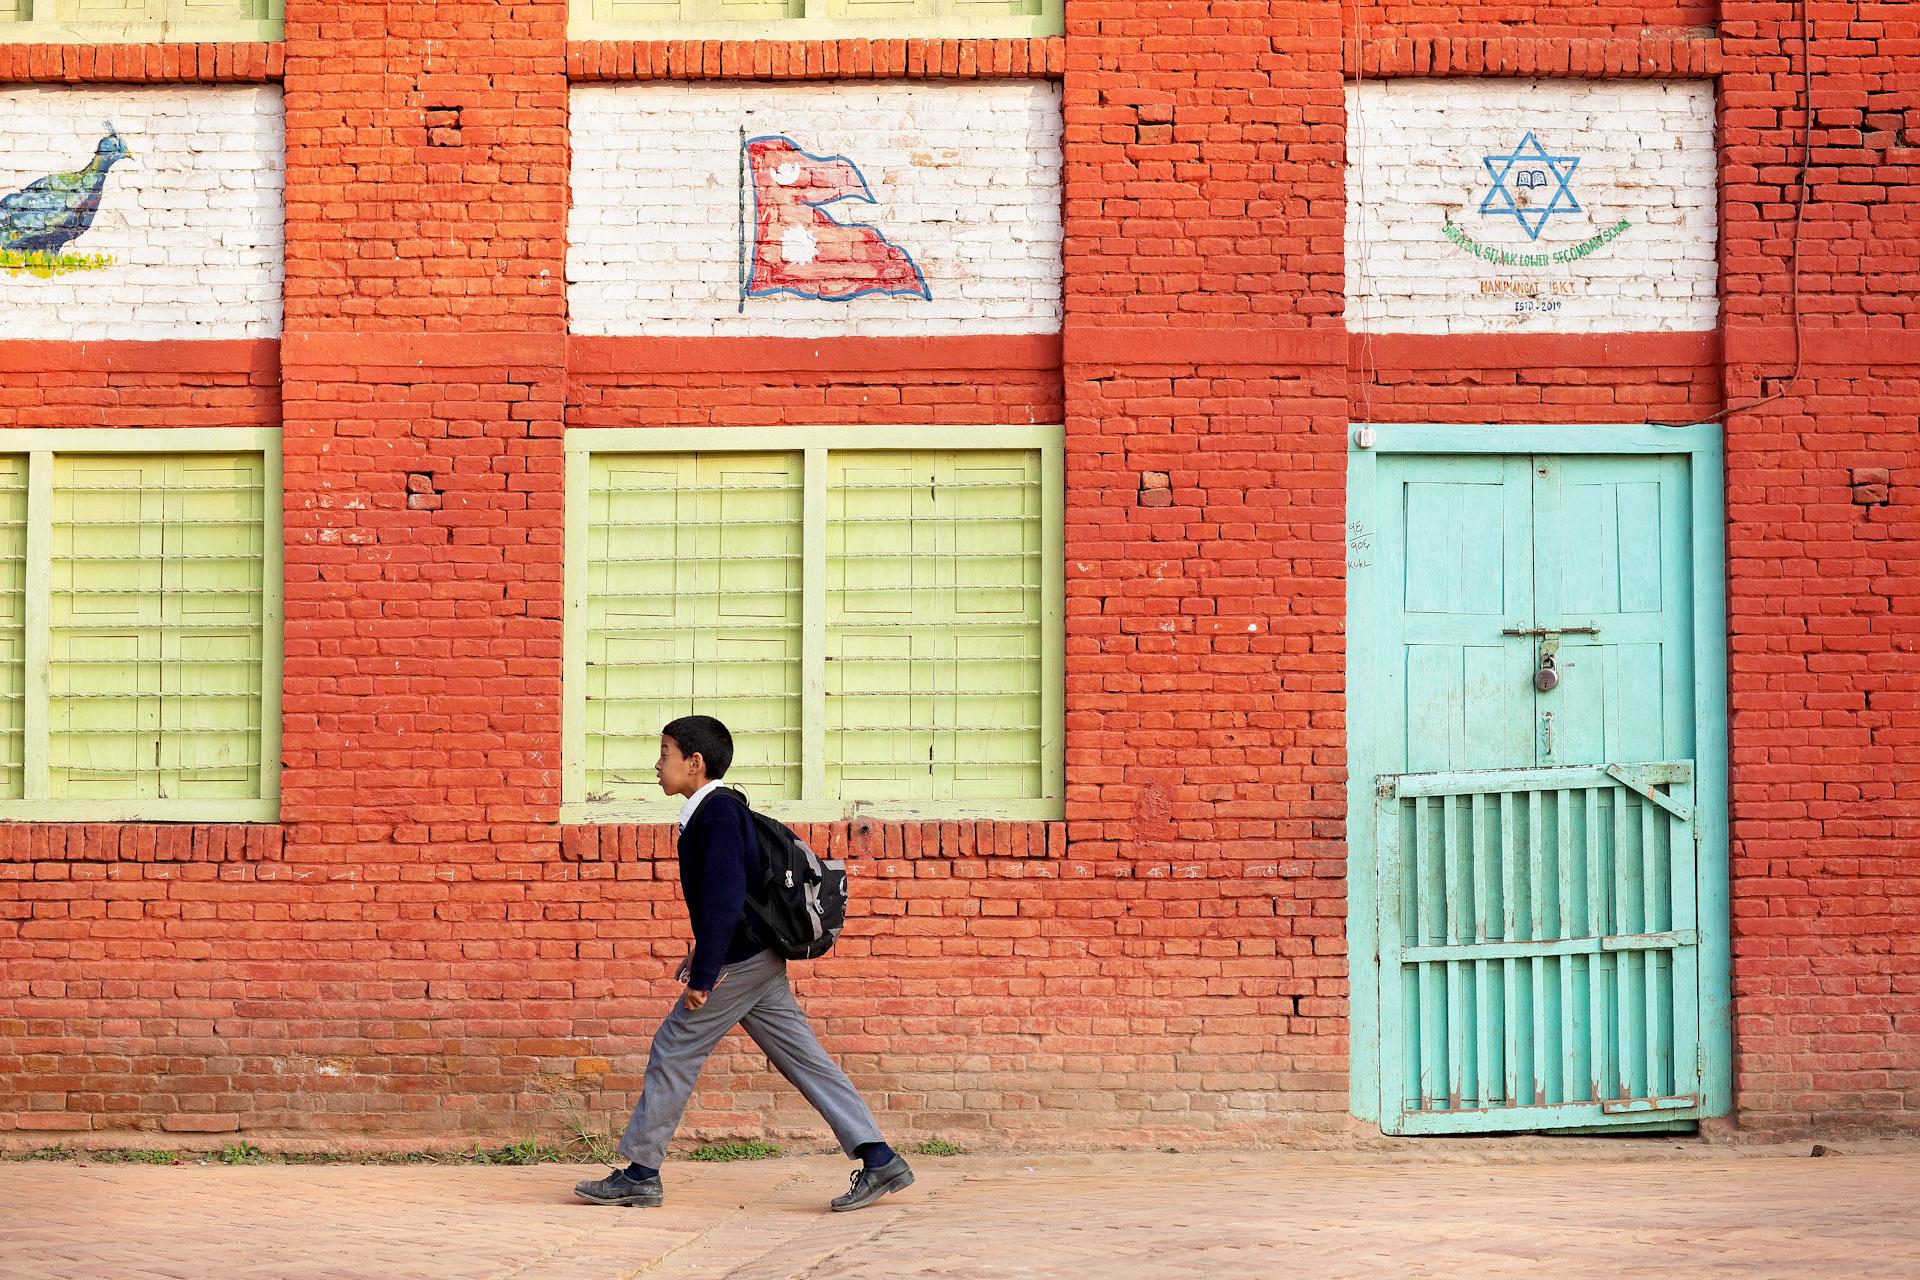 Nepal-Bhaktapur-Travel-Child-Jason-Bax.JPG